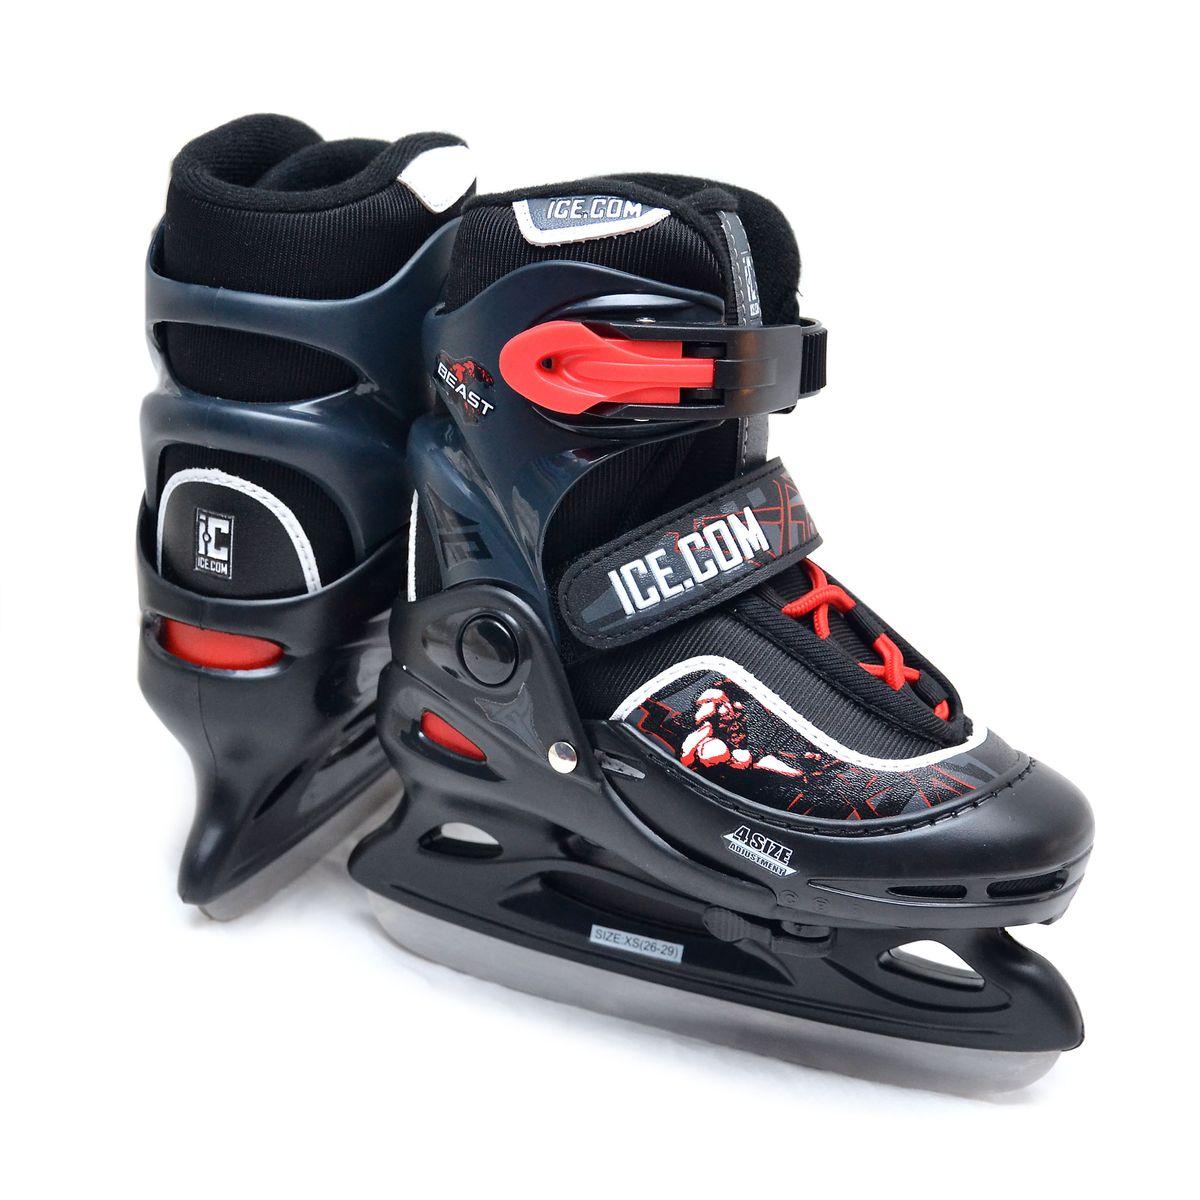 Коньки ледовые для мальчика Ice.Com Beast, раздвижные, цвет: черный, красный. Размер 34/37